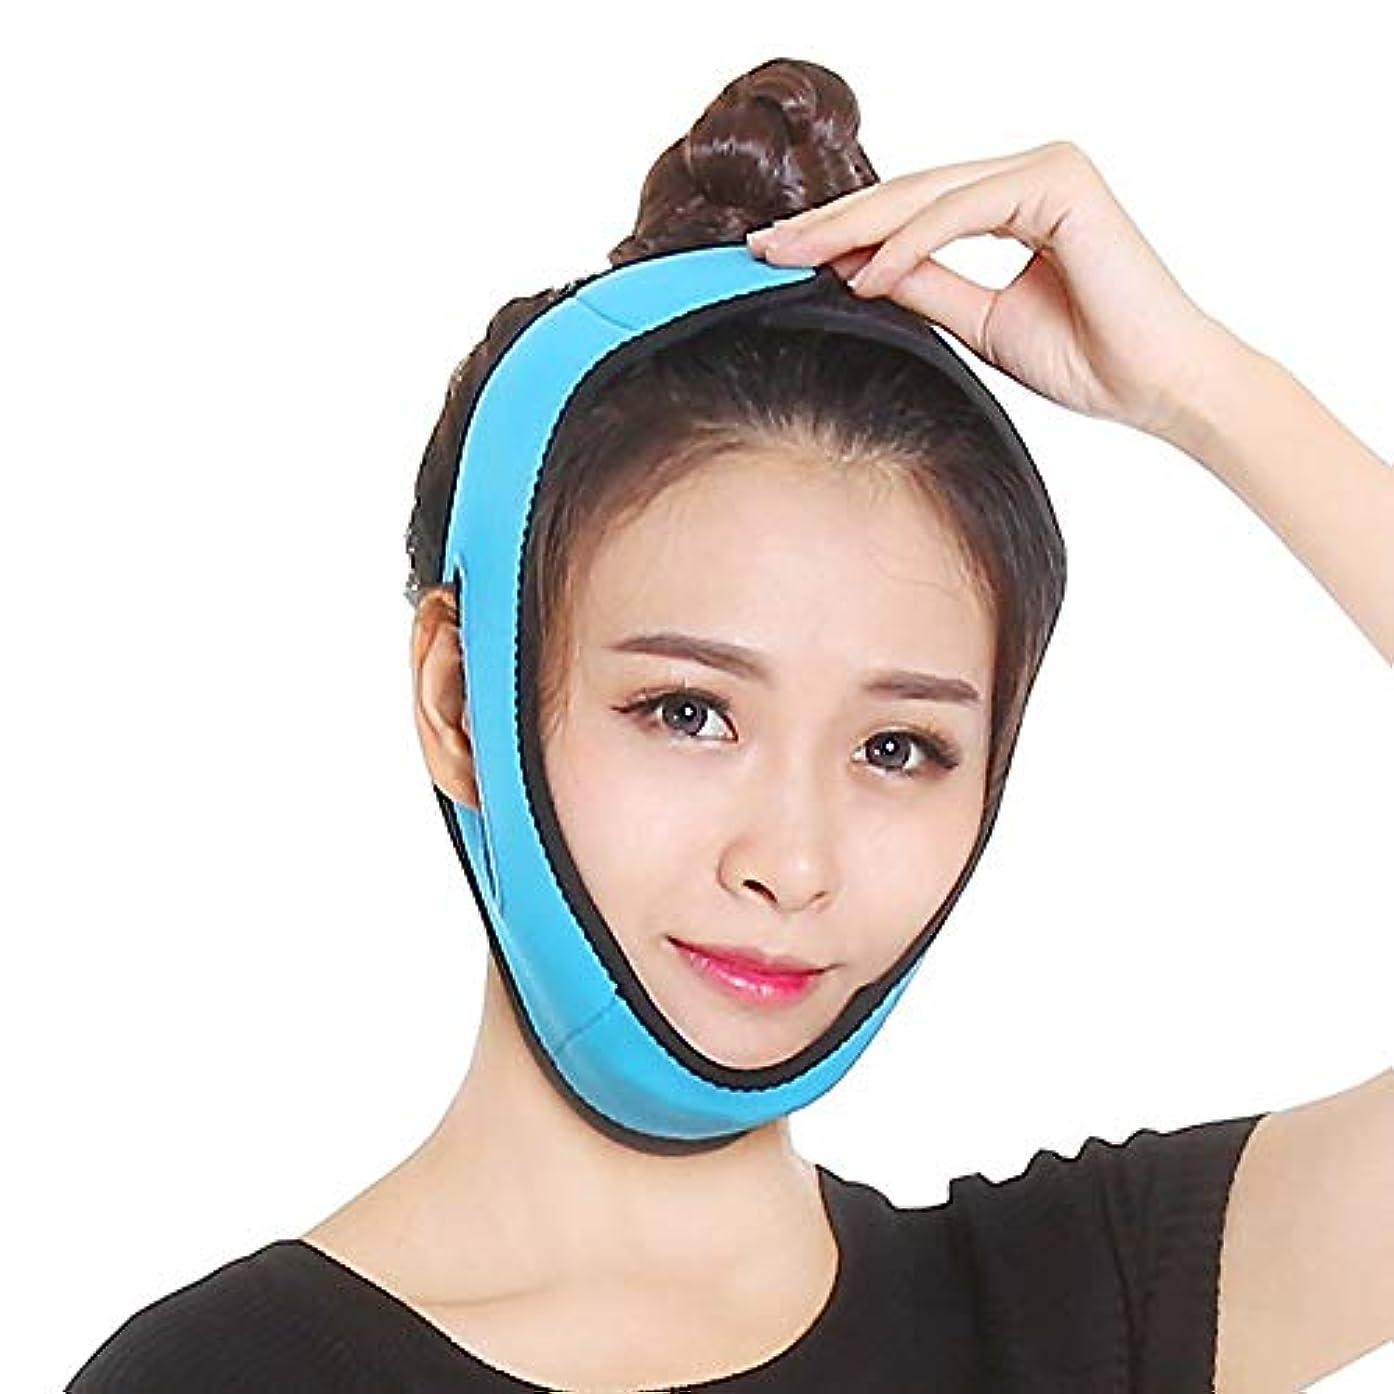 してはいけない失業者吹雪薄い顔のベルト - 薄い顔のツール薄い顔のベルト通気性のラテックスのマッサージV型の顔のアーティファクトの顔の薄いマスク